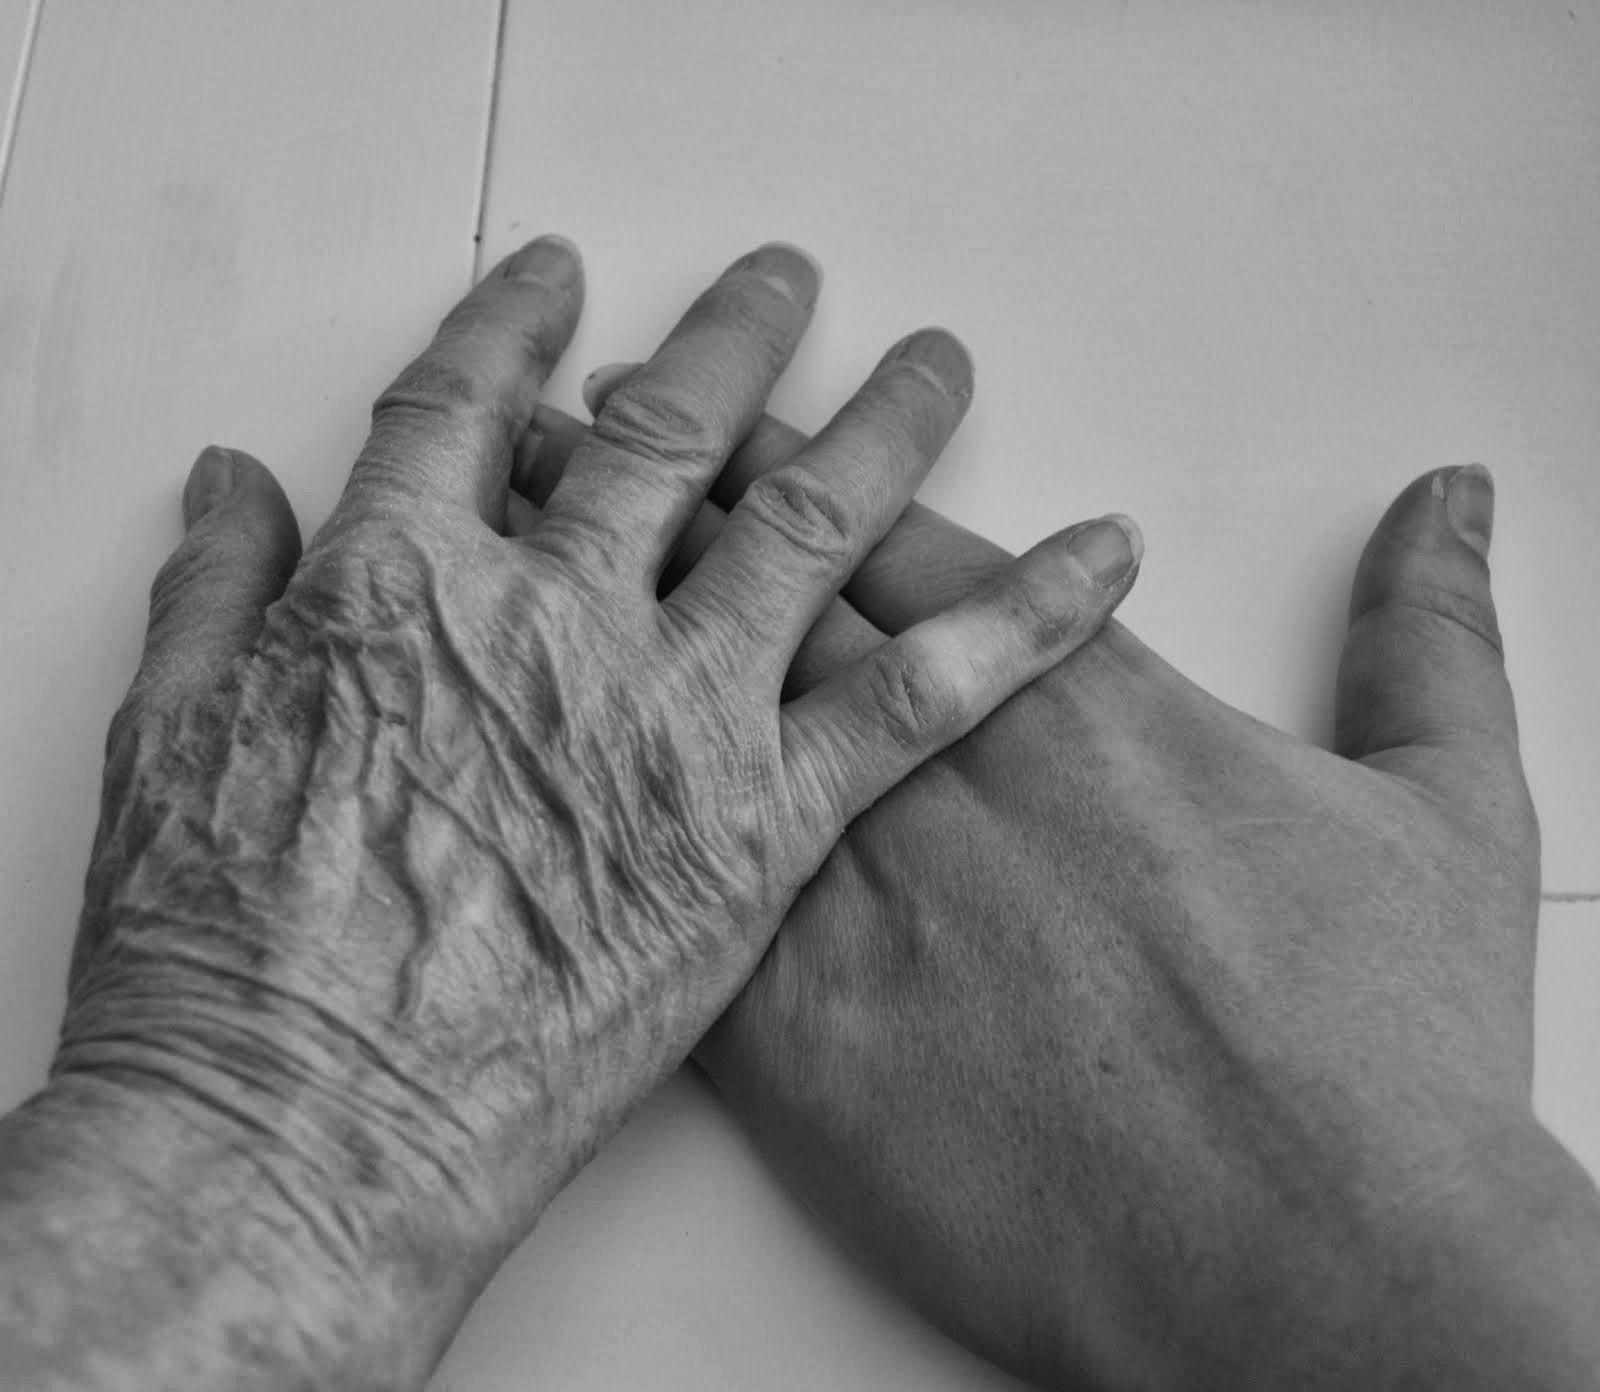 Mormor, min mormor -vem är väl som du?